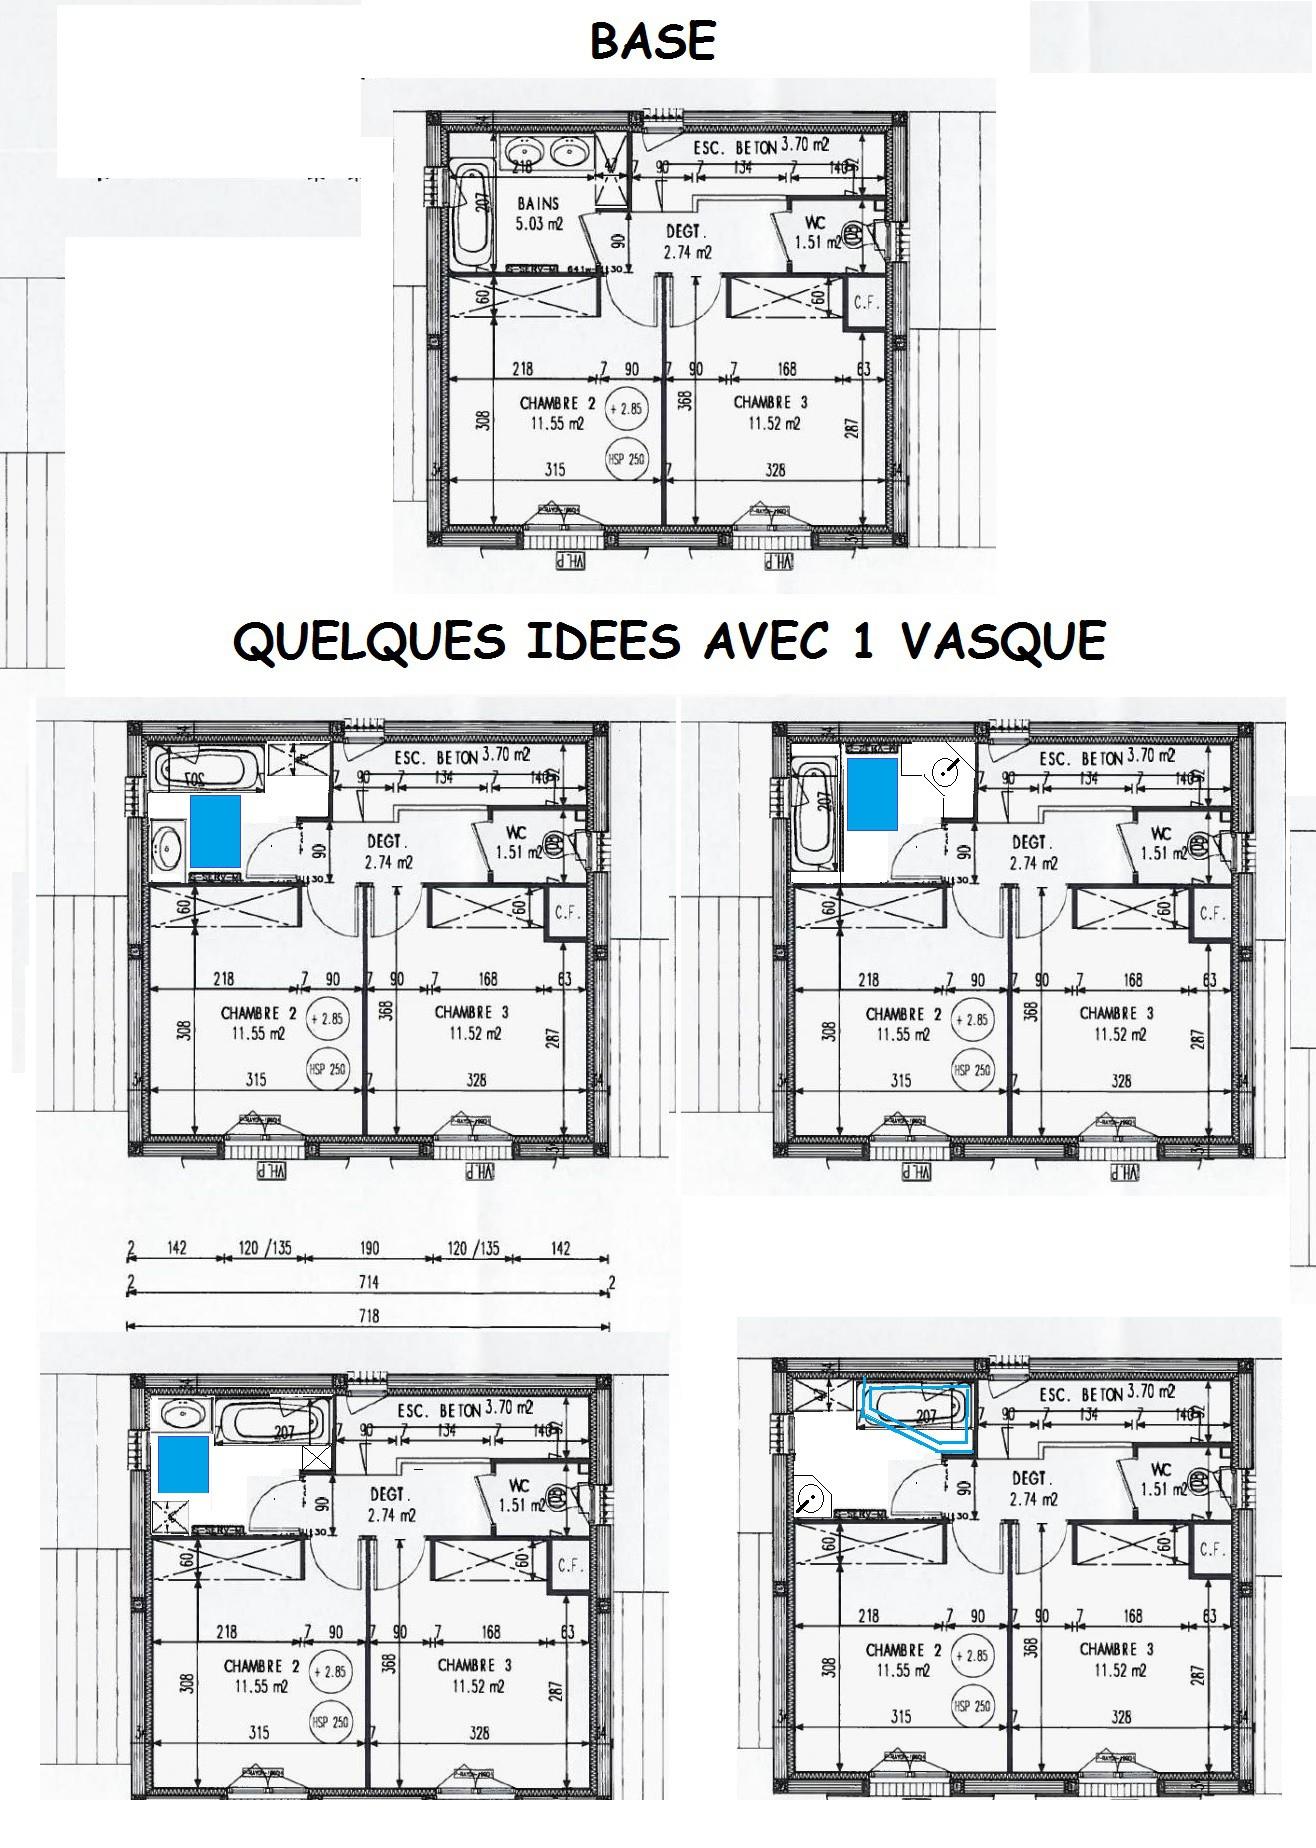 Plan Salle De Bain 5m2 Inspirant Collection Plan Salle De Bain 5m2 Inspirationimplantation Sdb 28 Messages